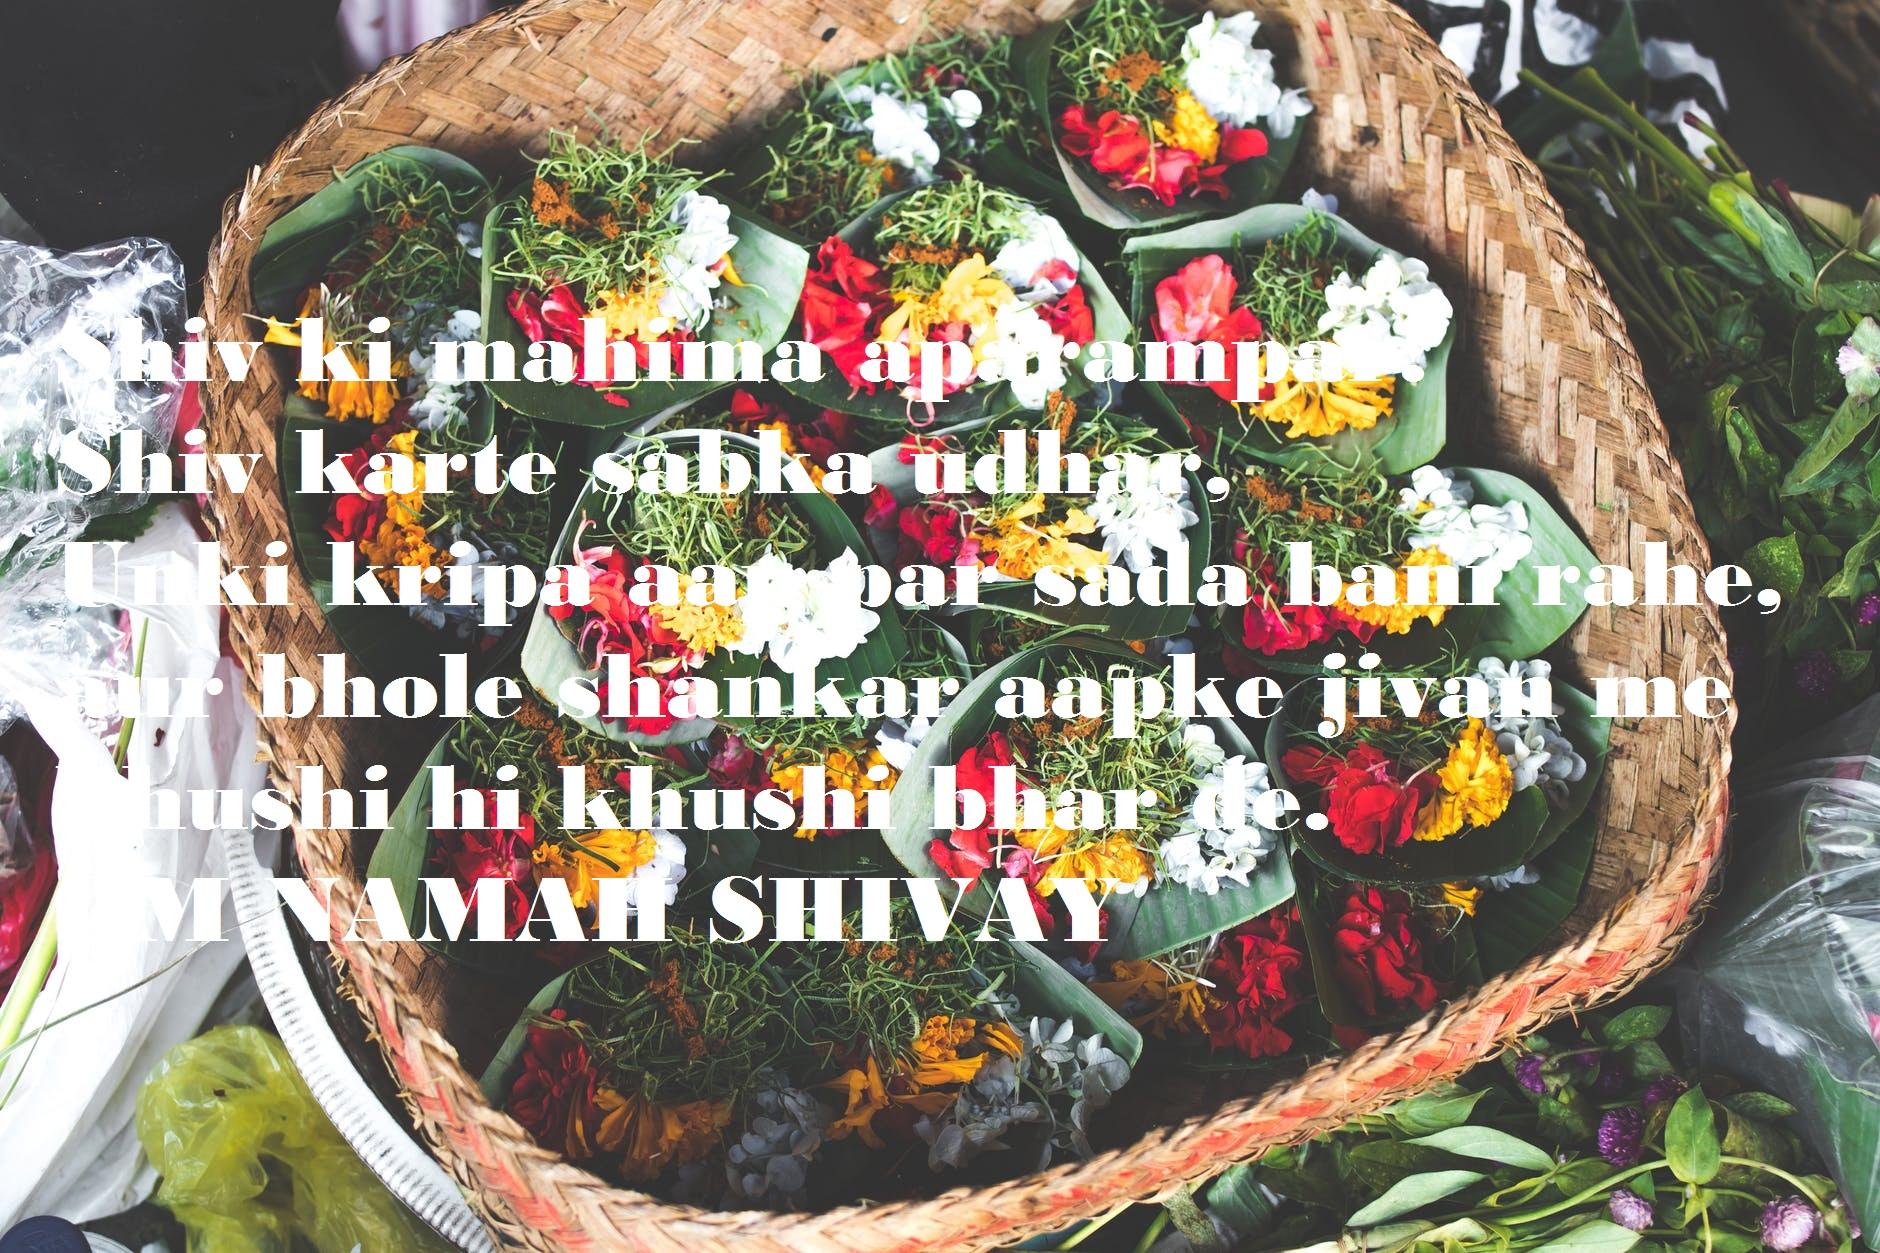 Happy Mahashivratri Wishes